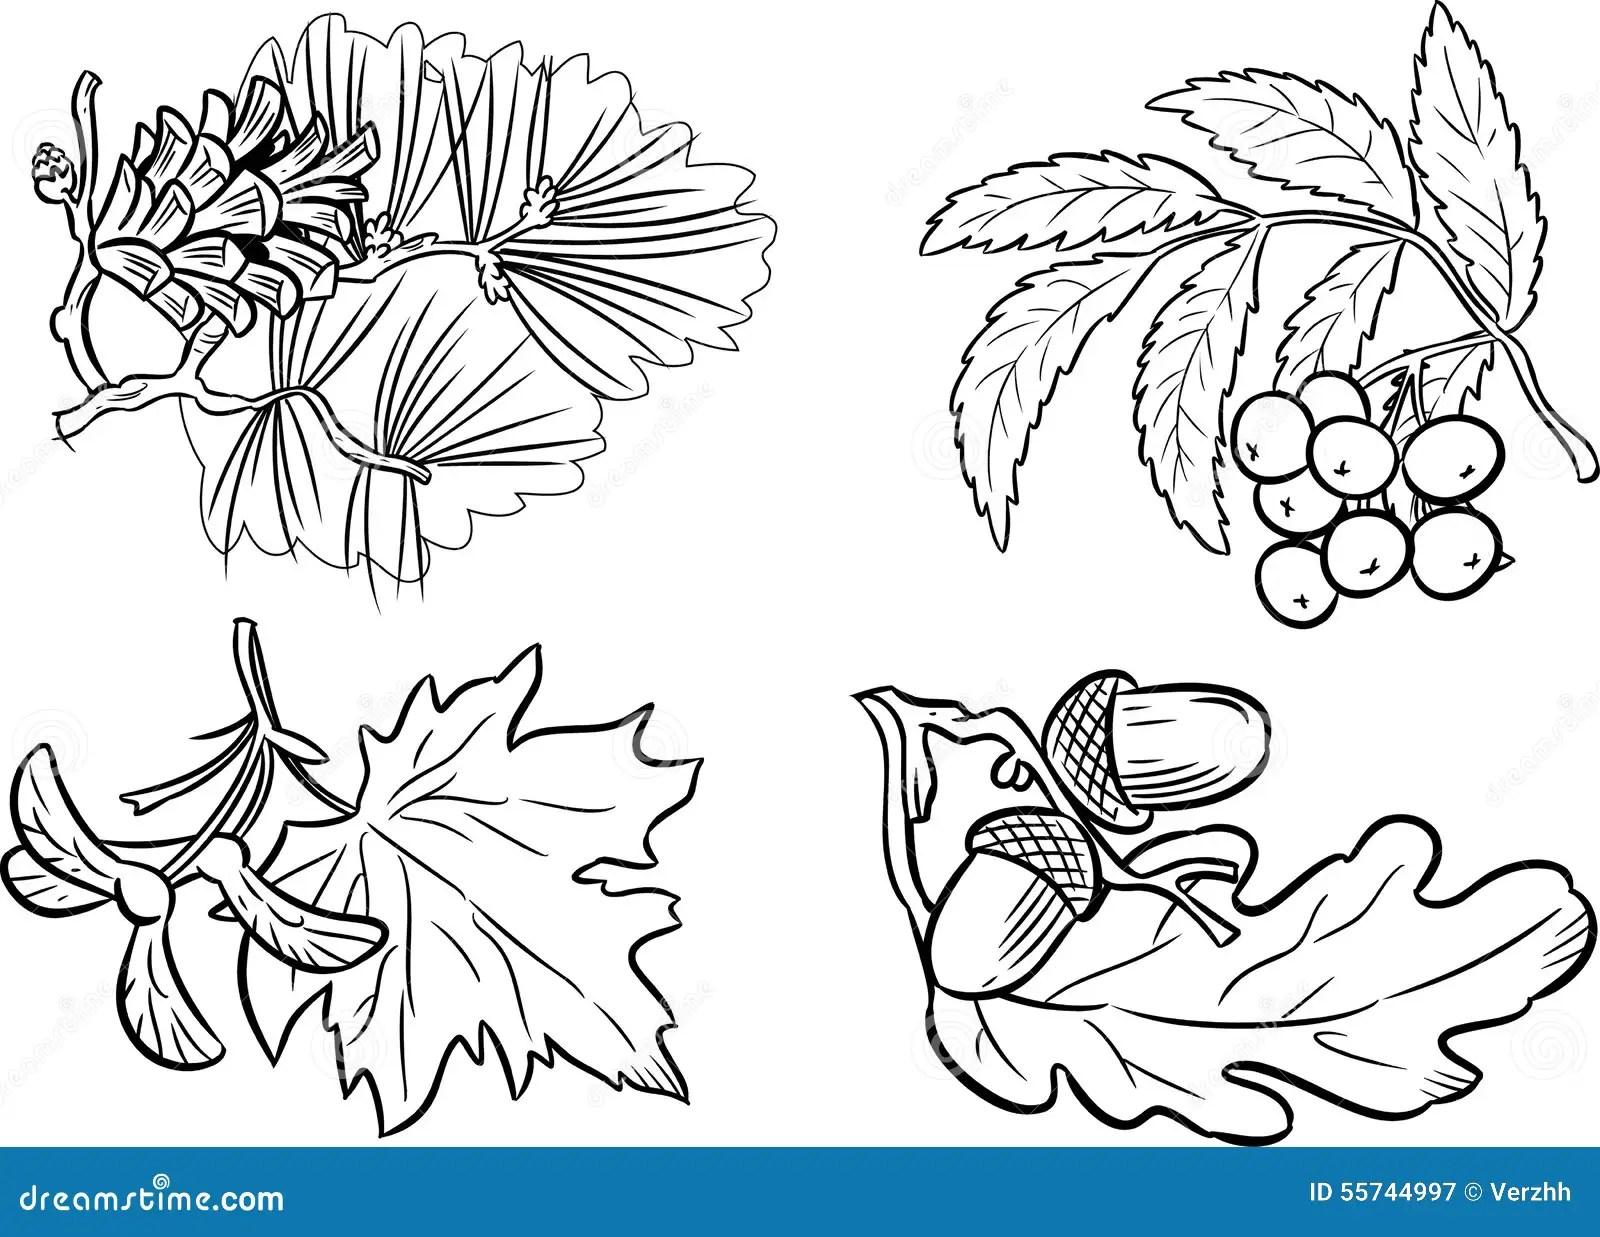 Plant Stem Diagram